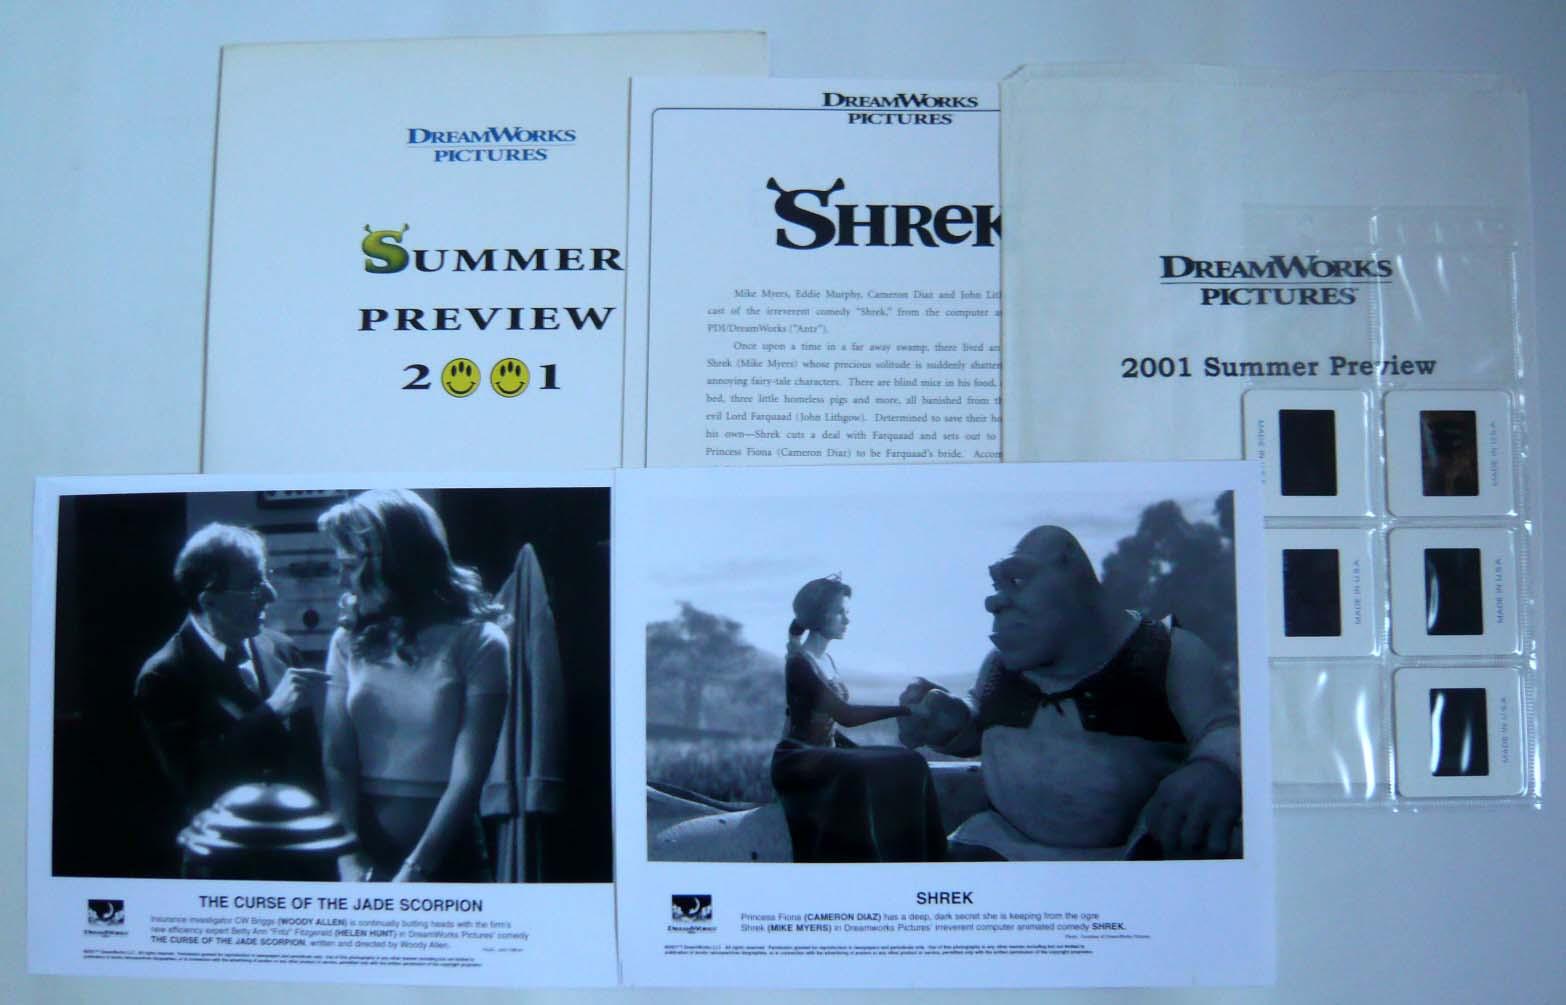 画像1: ドリームワークス2001サマーシーズンプレビュー US版オリジナルプレスキット